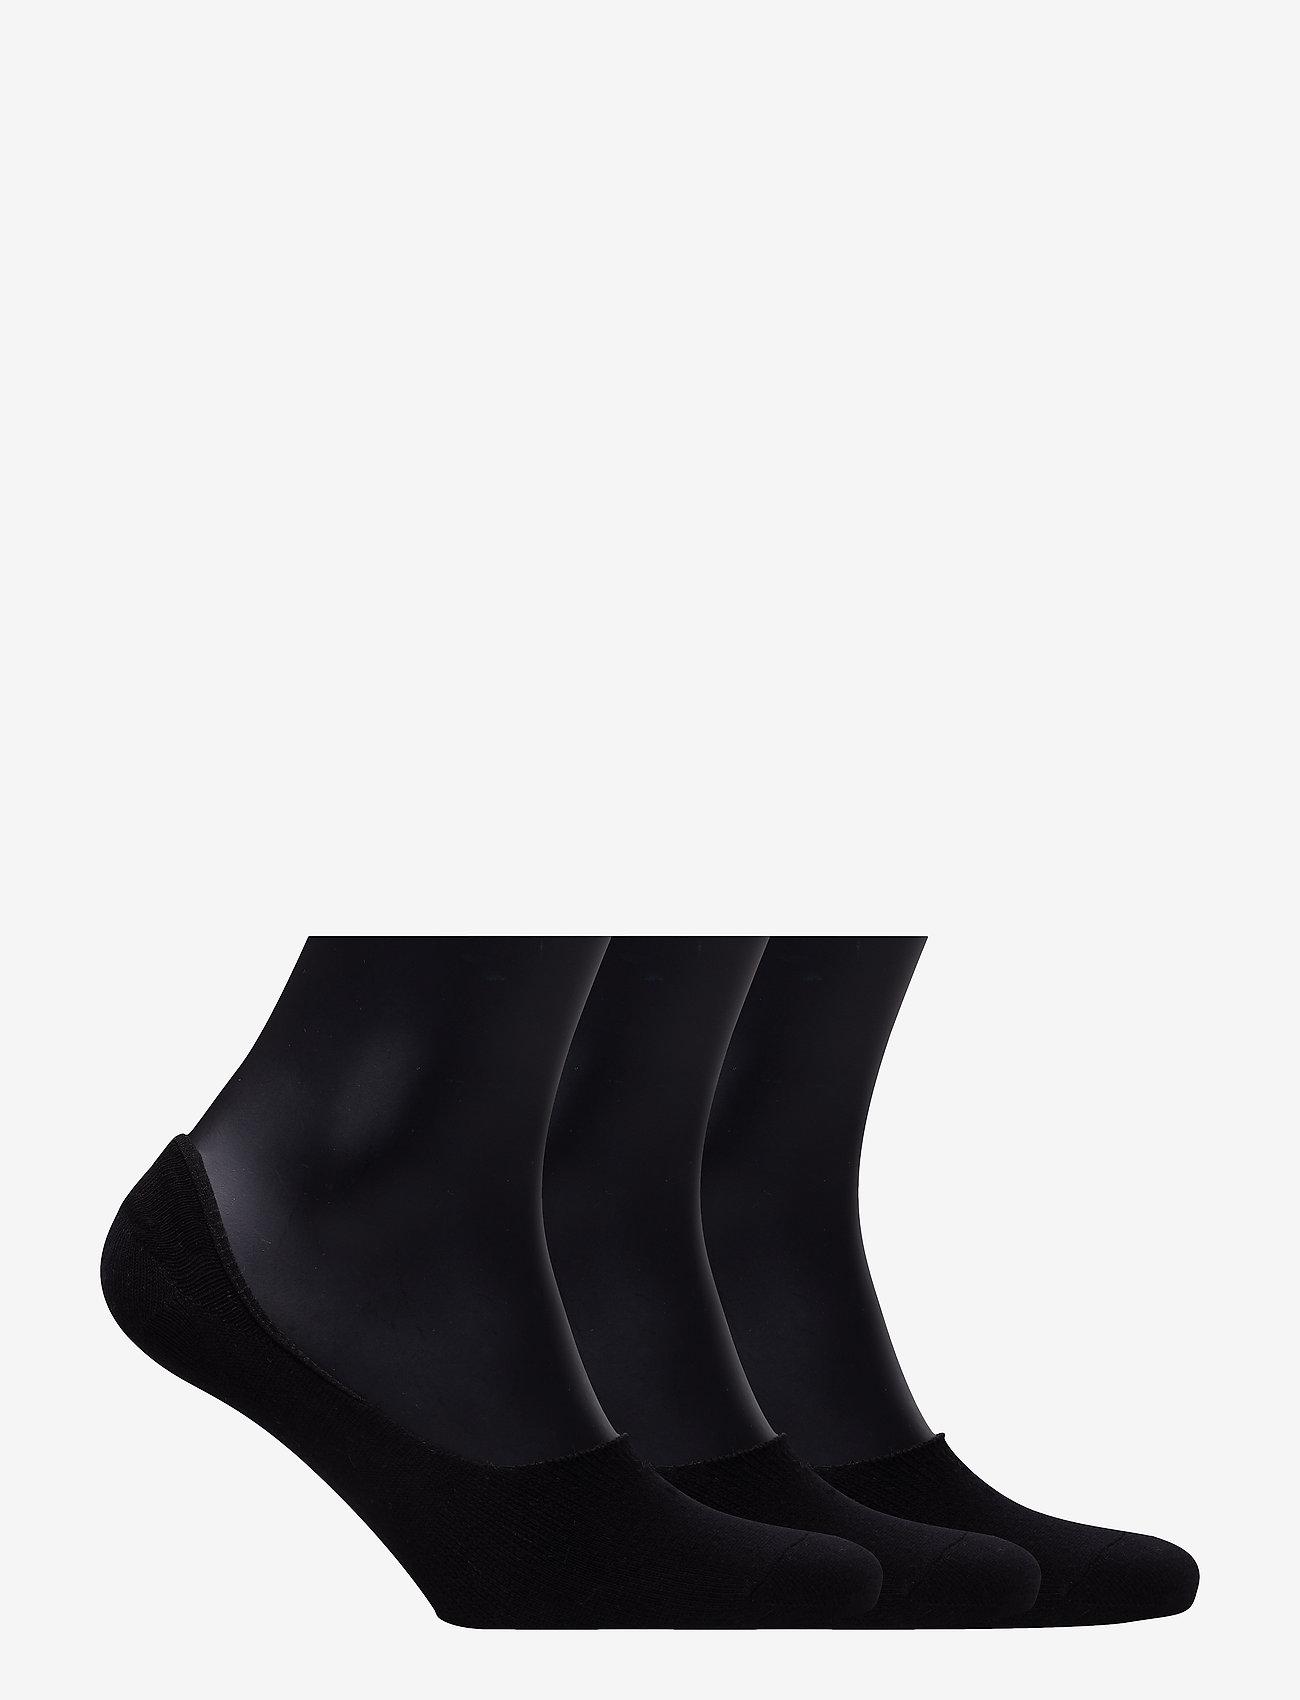 Boozt Merchandise - 3 pack socklets - Women - ankle socks - black - 1